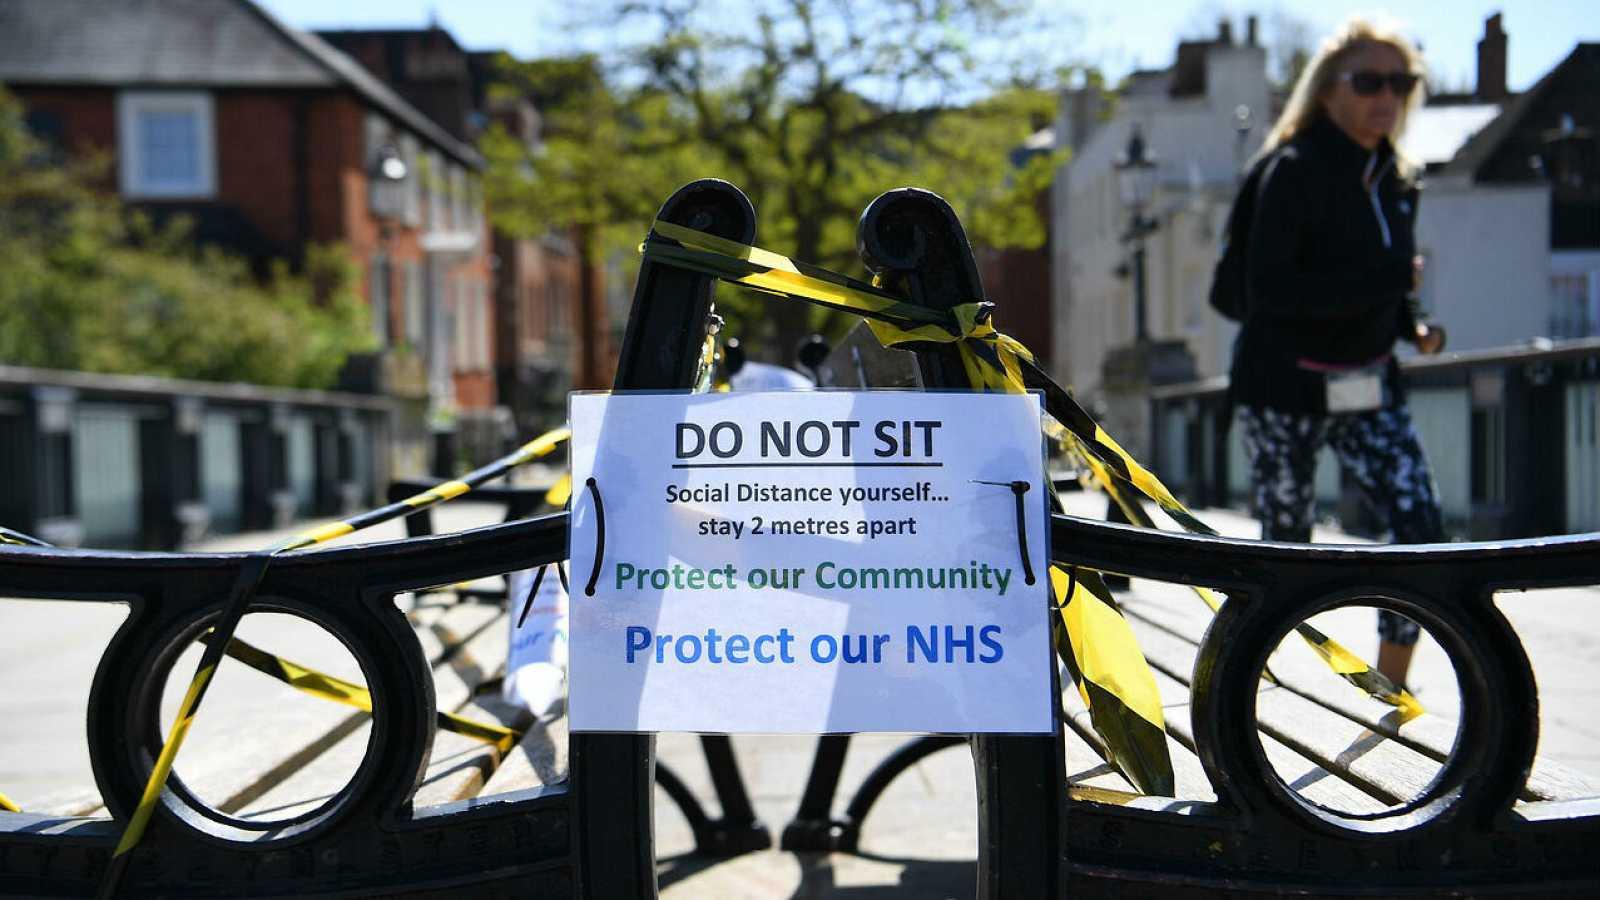 Bancos fuera de los límites en Windsor, en Inglaterra, donde un cartel recuerda la norma de distancia social para contener el virus.